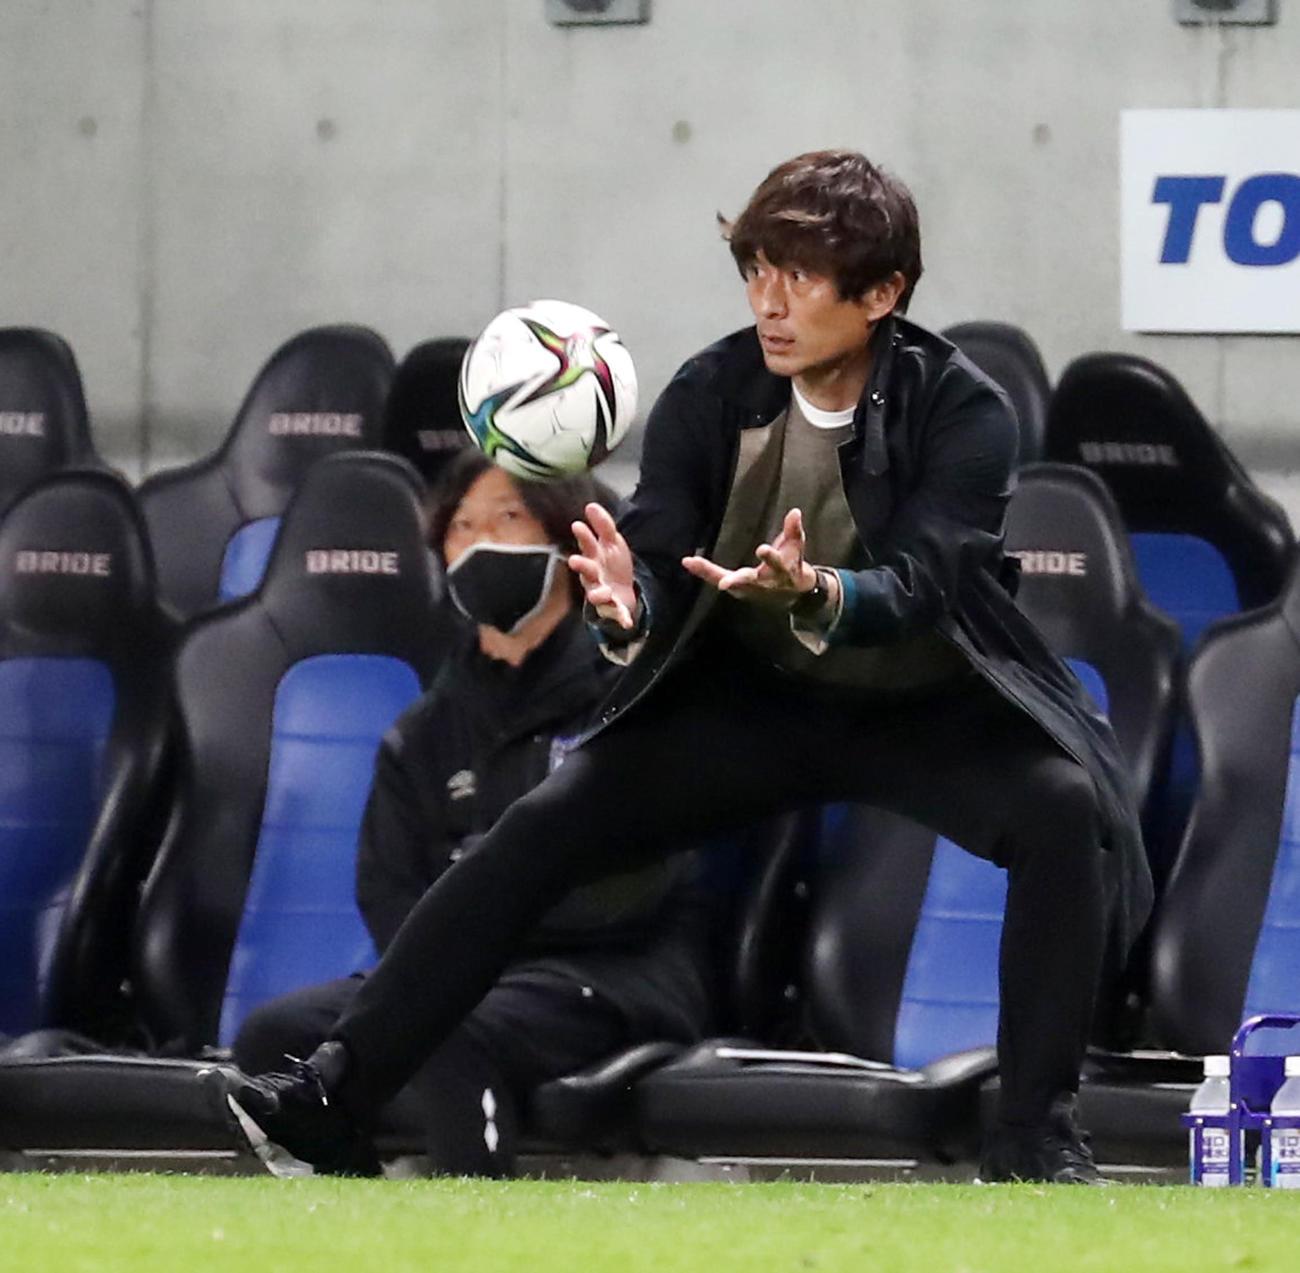 G大阪対福岡 後半、タッチラインを割ったボールをトスするG大阪の宮本監督(撮影・加藤哉)